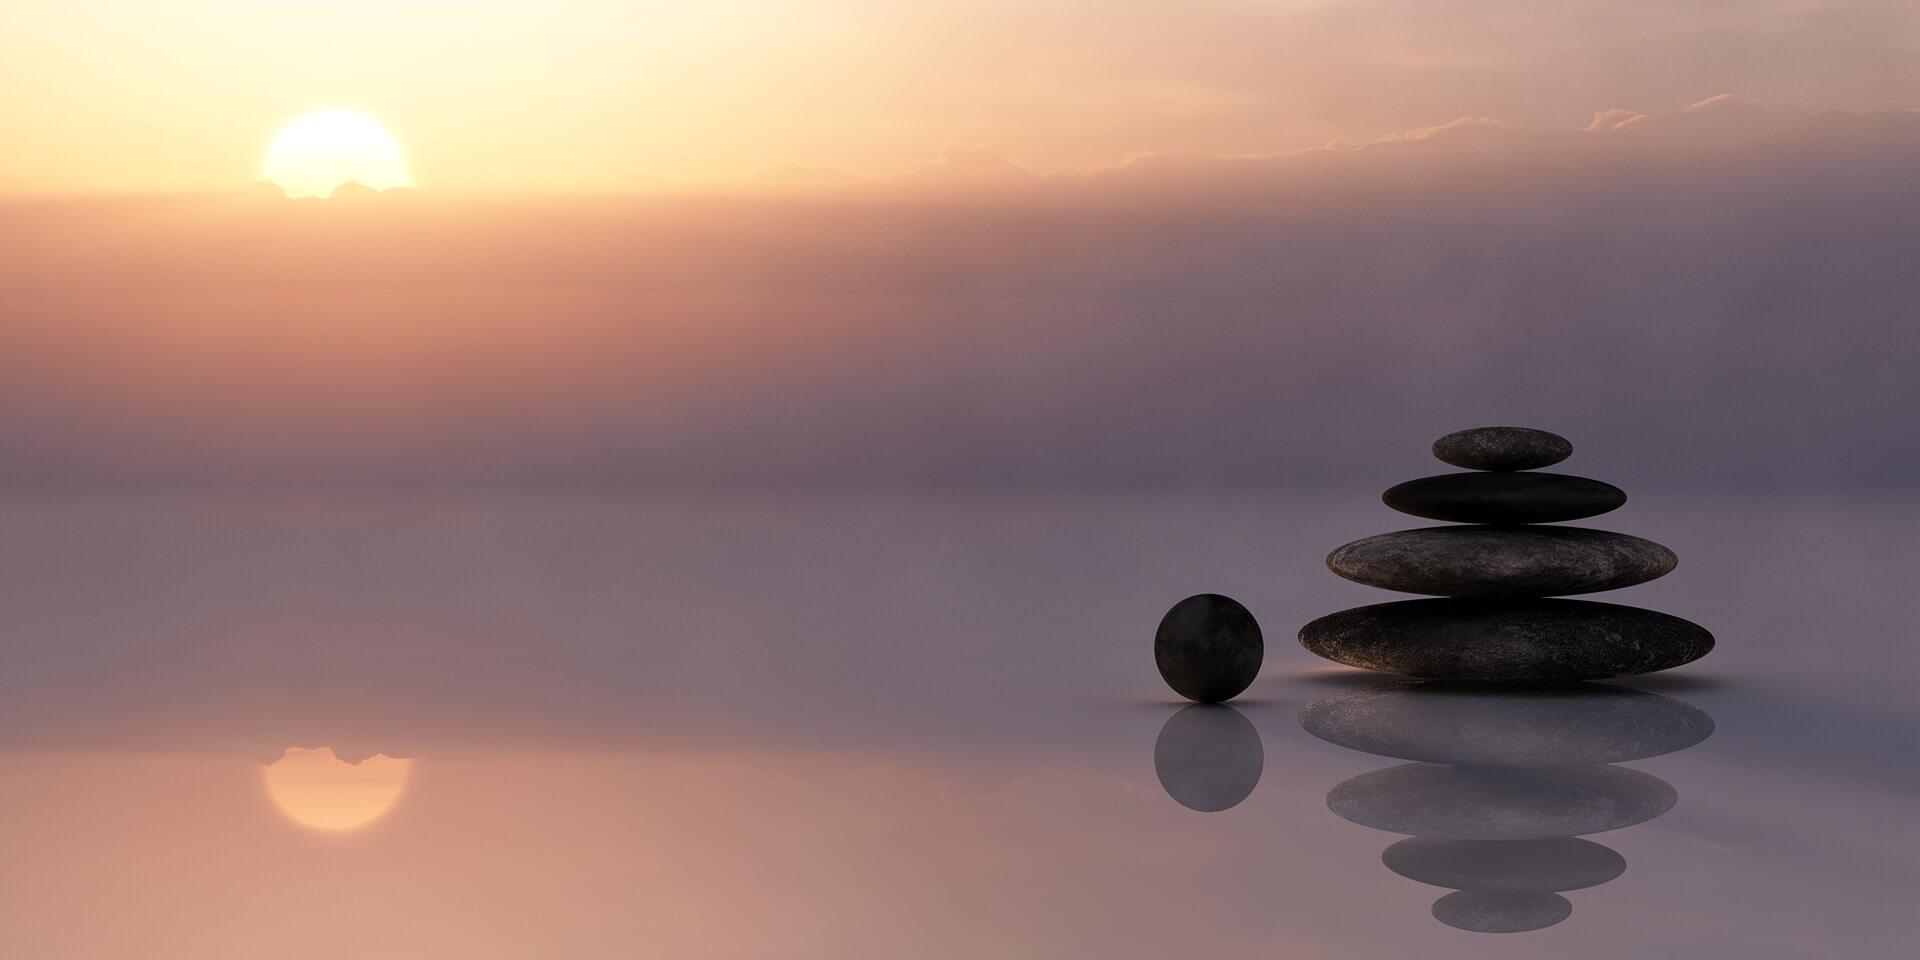 リラックスの為のクイック瞑想